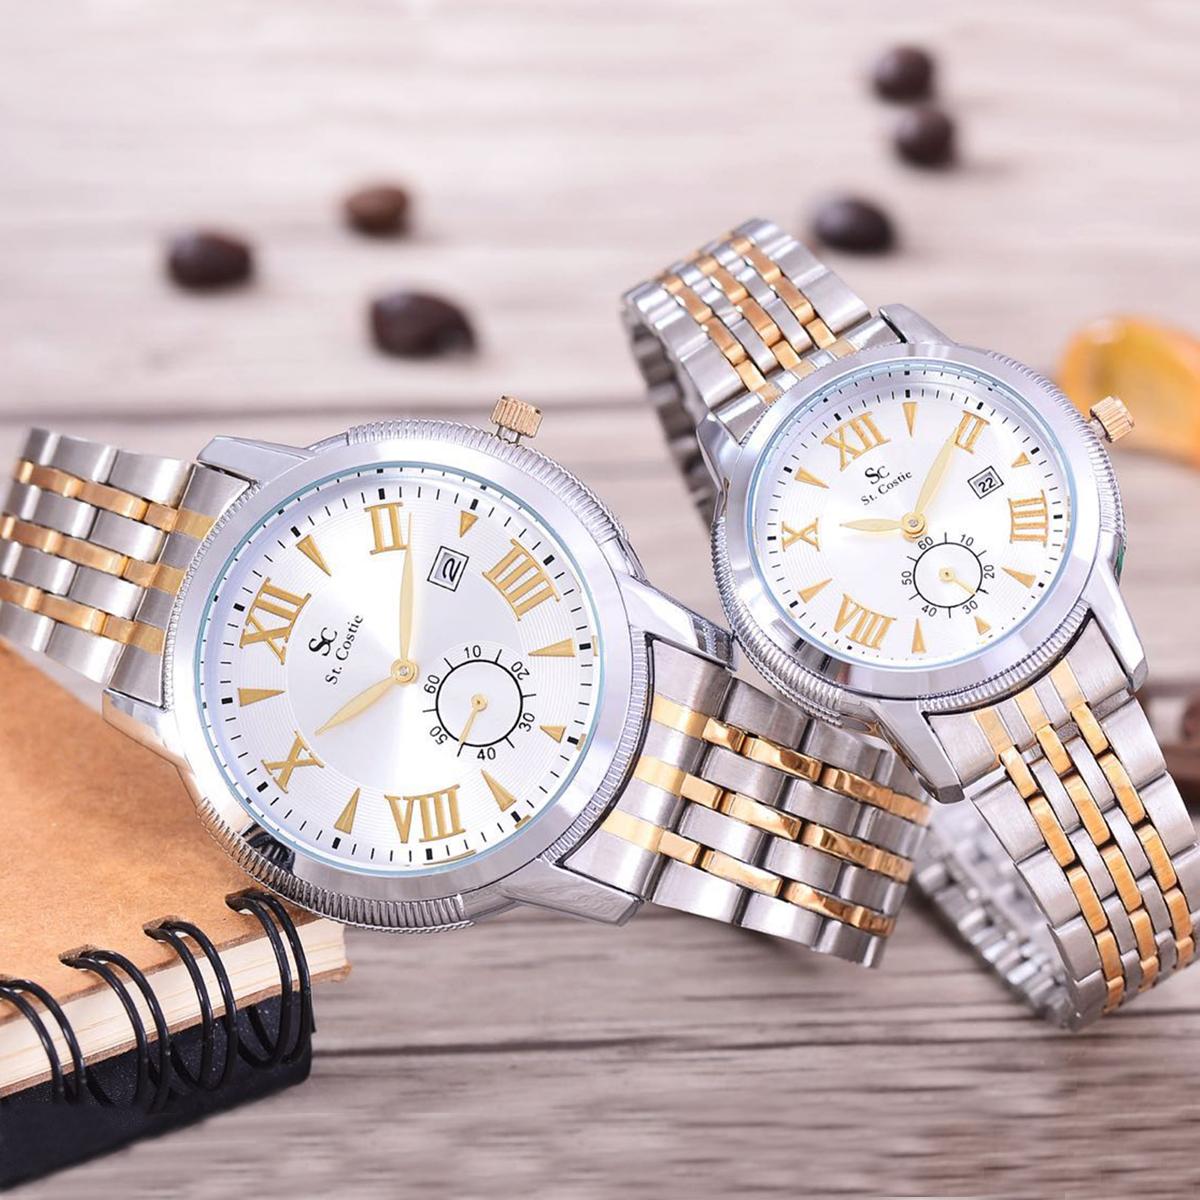 Saint Costie Original Brand, Jam Tangan Pria & Wanita - Body Silver .